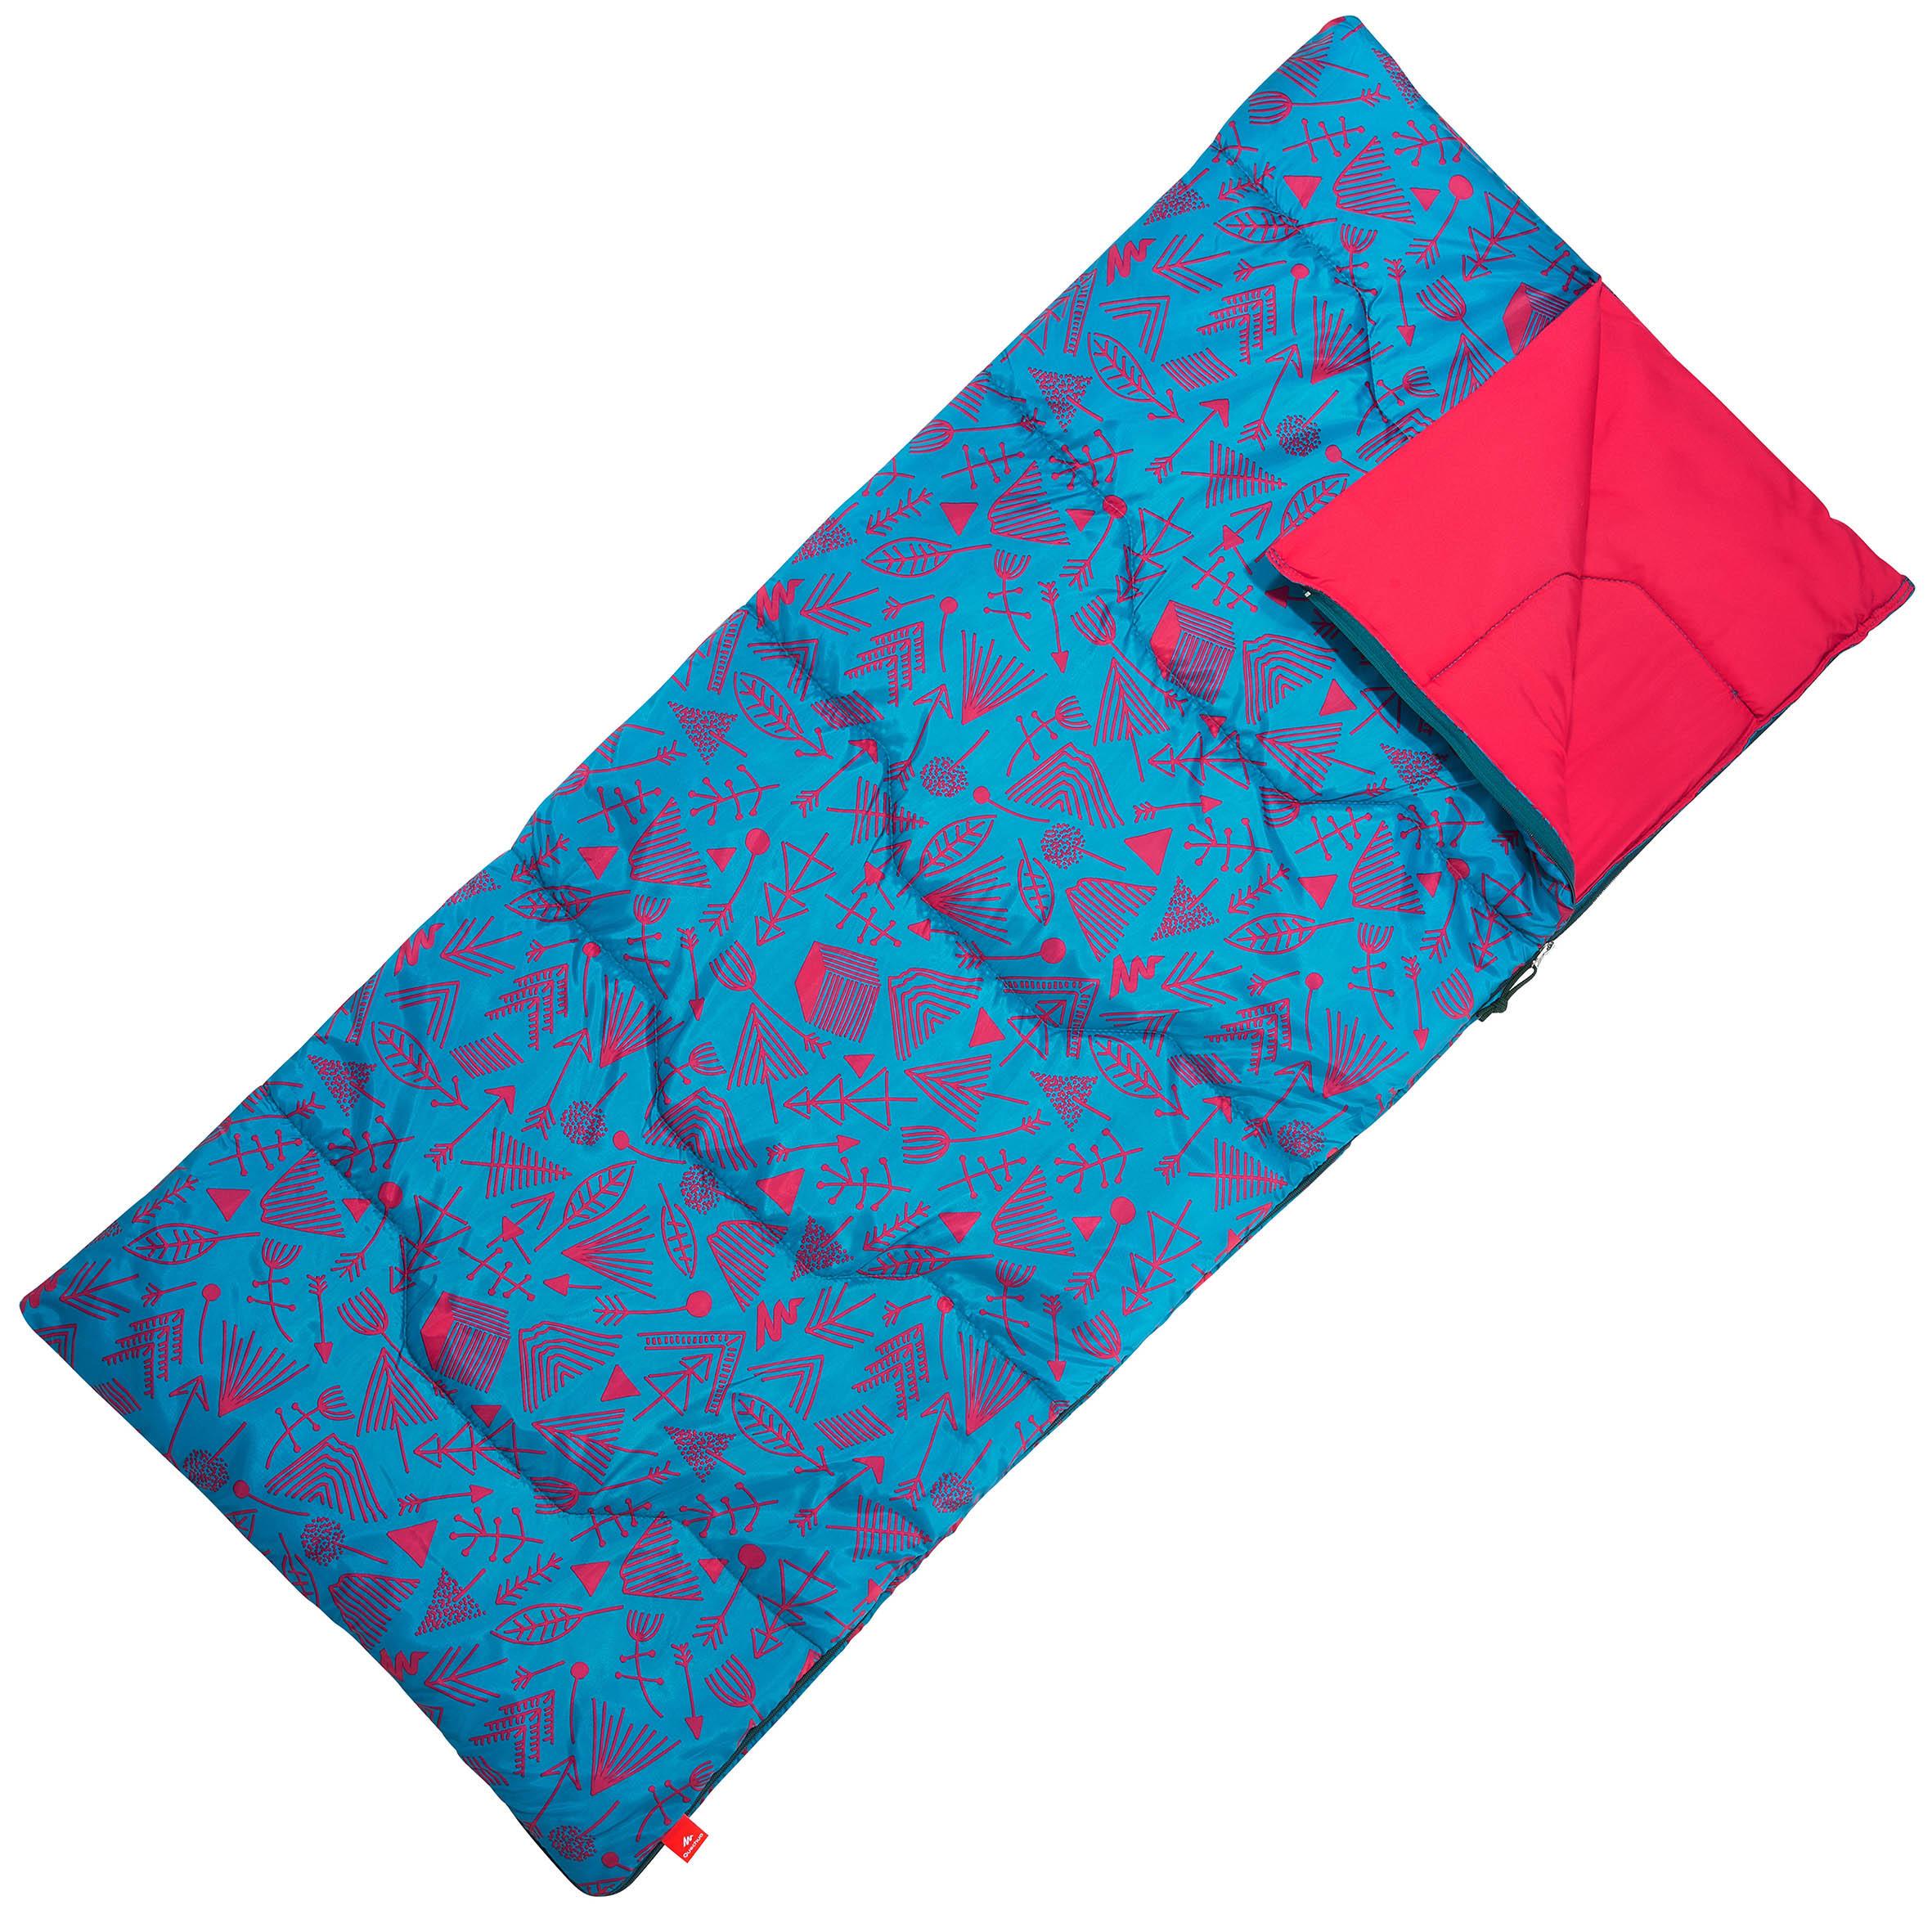 Kid's Sleeping Bag Arpenaz 20° - Blue